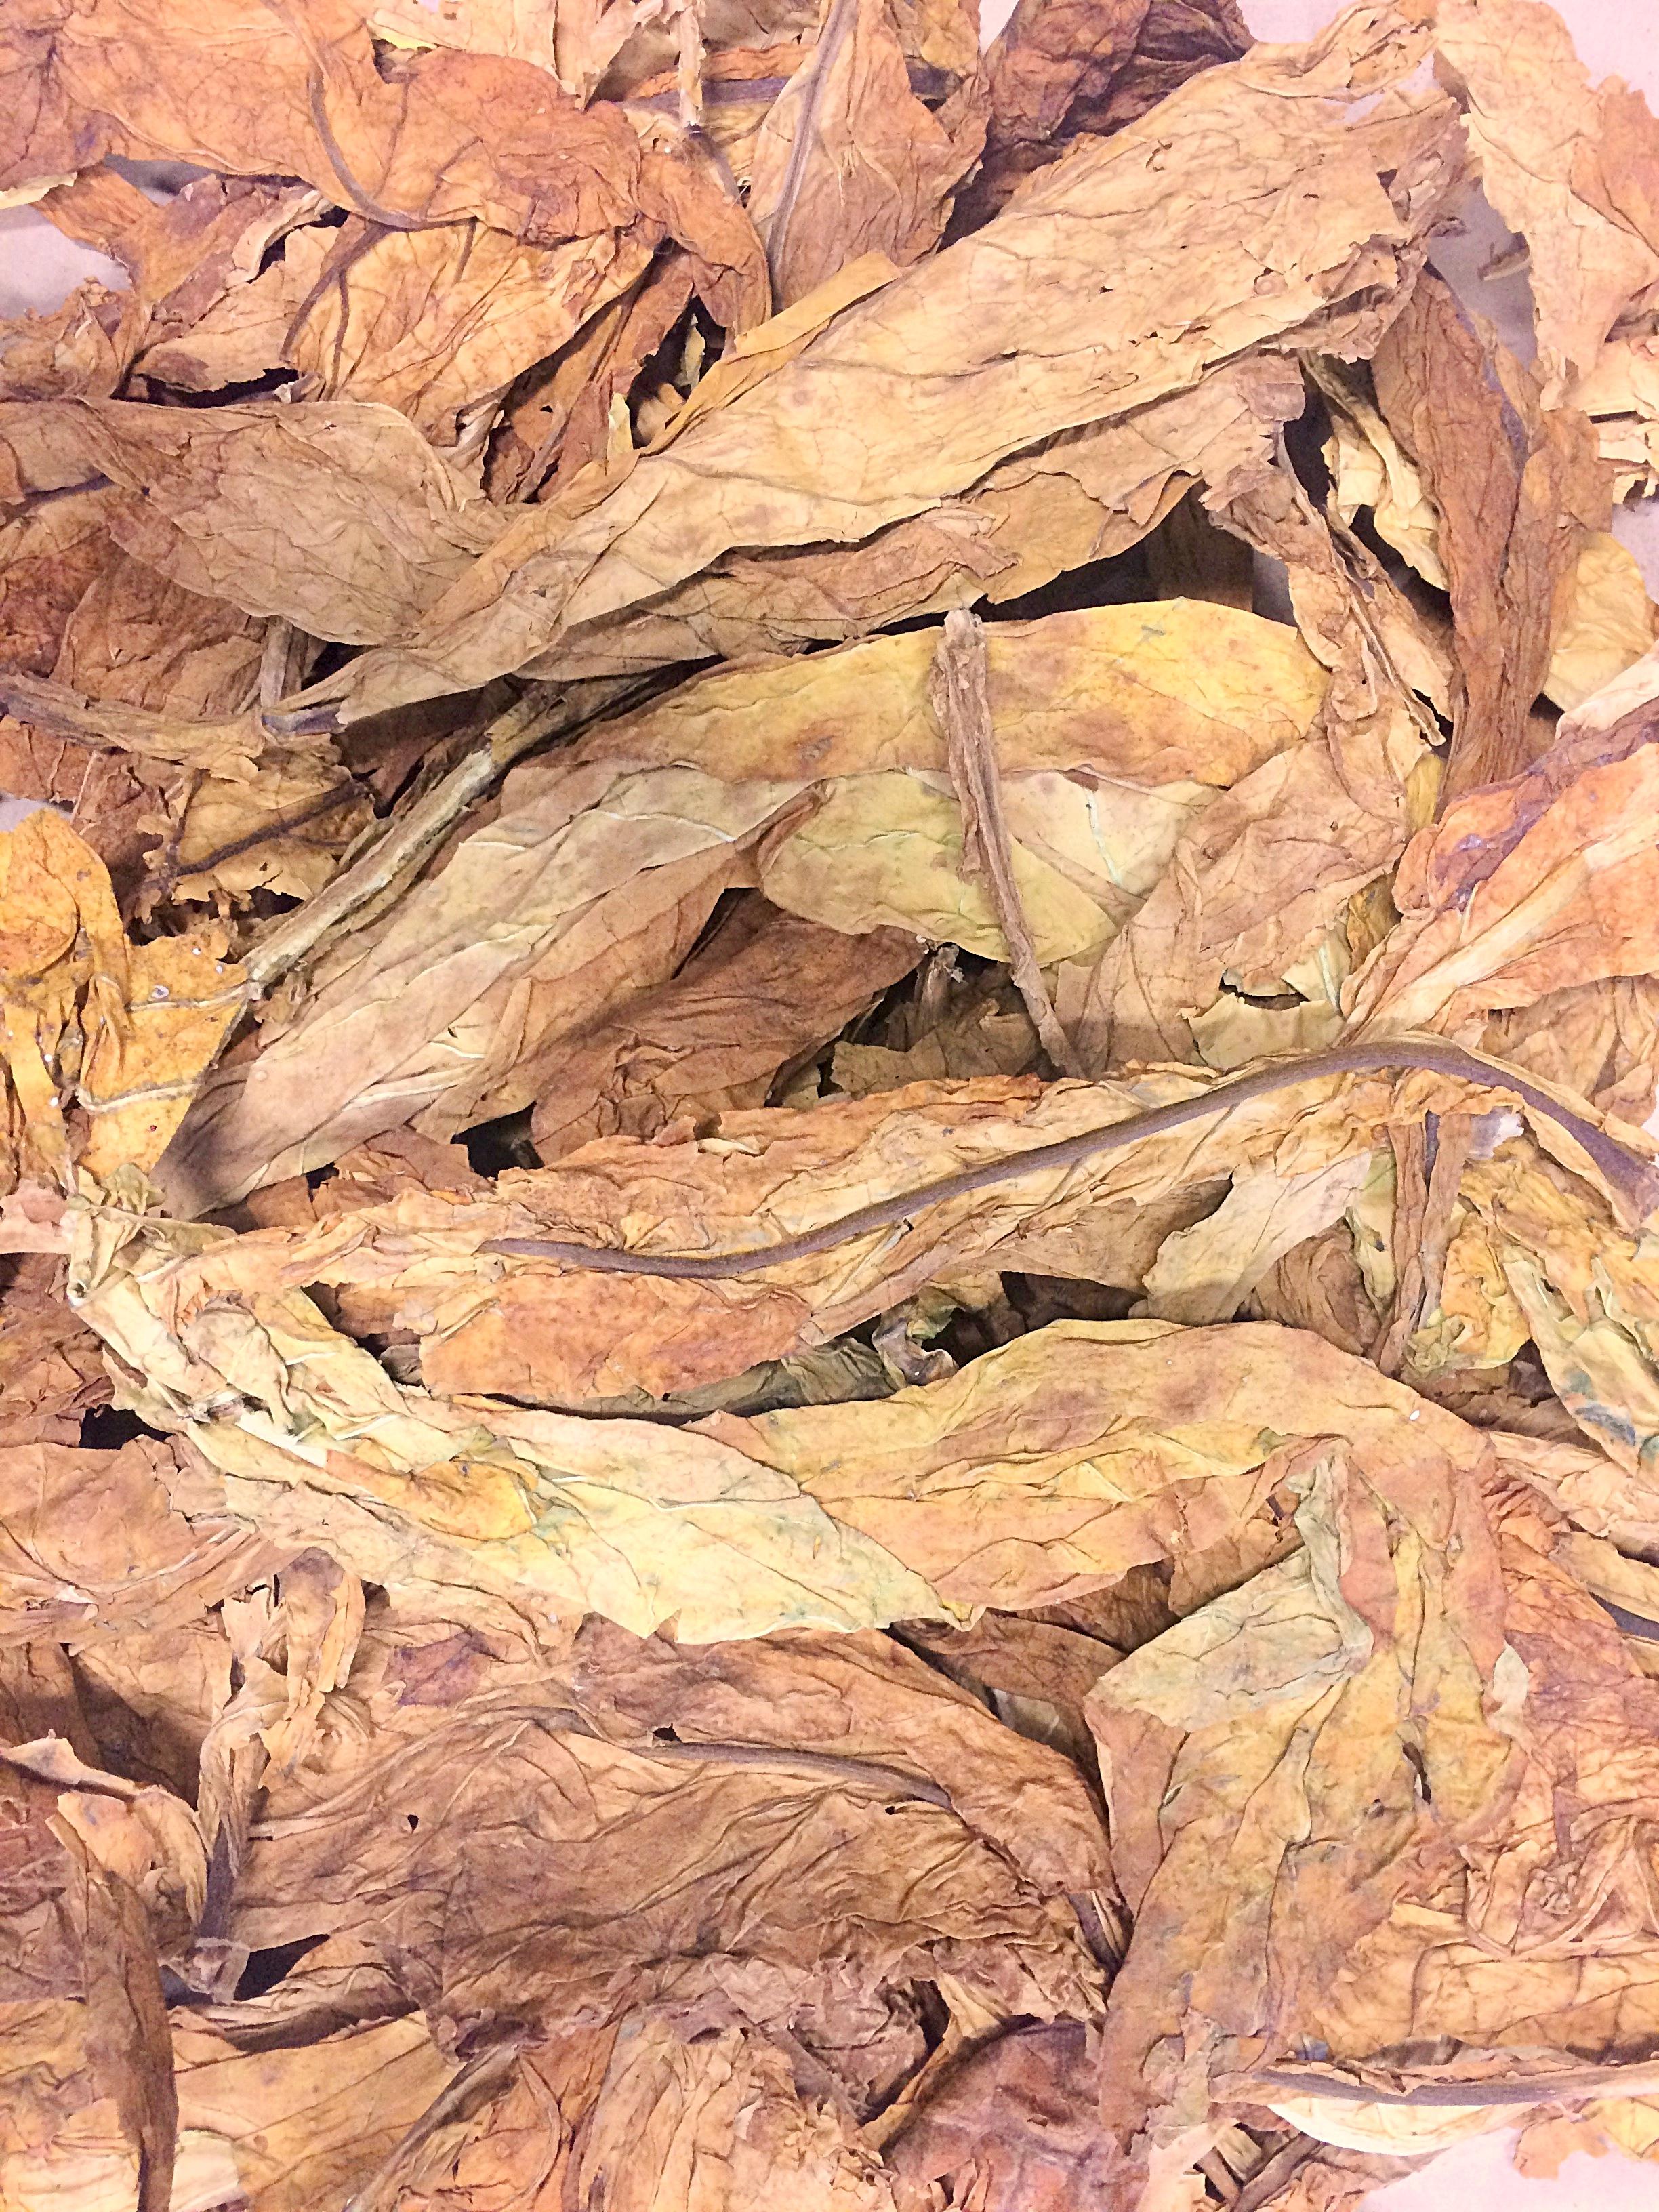 Tobacco-Tobacco-Leaf-Tobacco-dekotabak-200g-20kg-and-sample-listing-of-Euro-Tobacco thumbnail 7